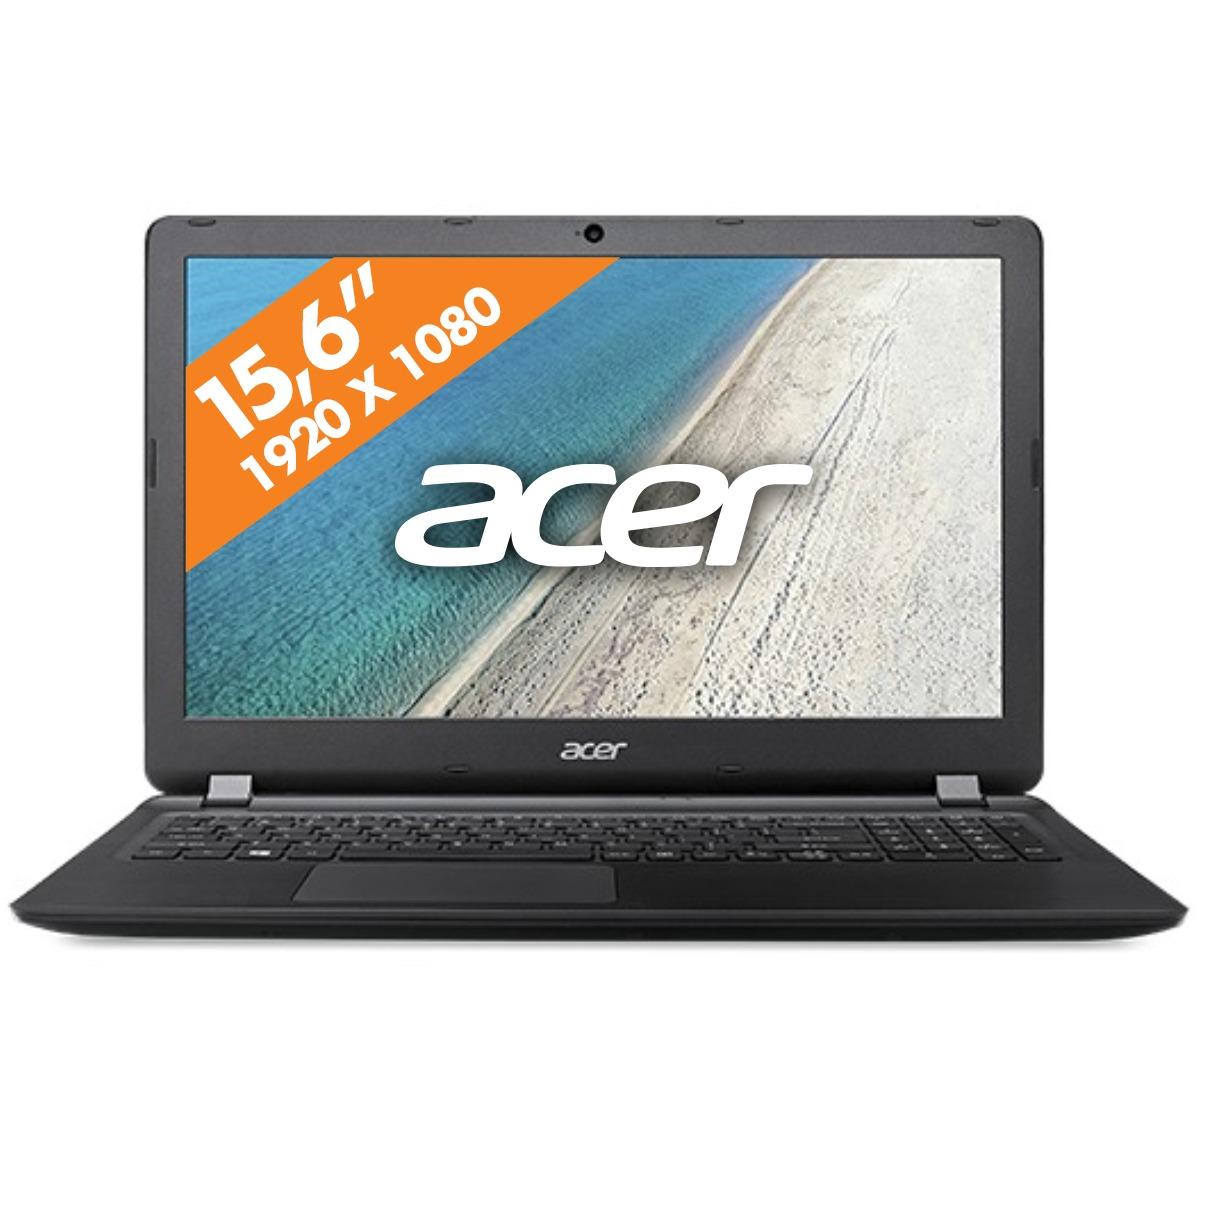 Acer laptop Extensa 15 EX2540-51G9 zwart